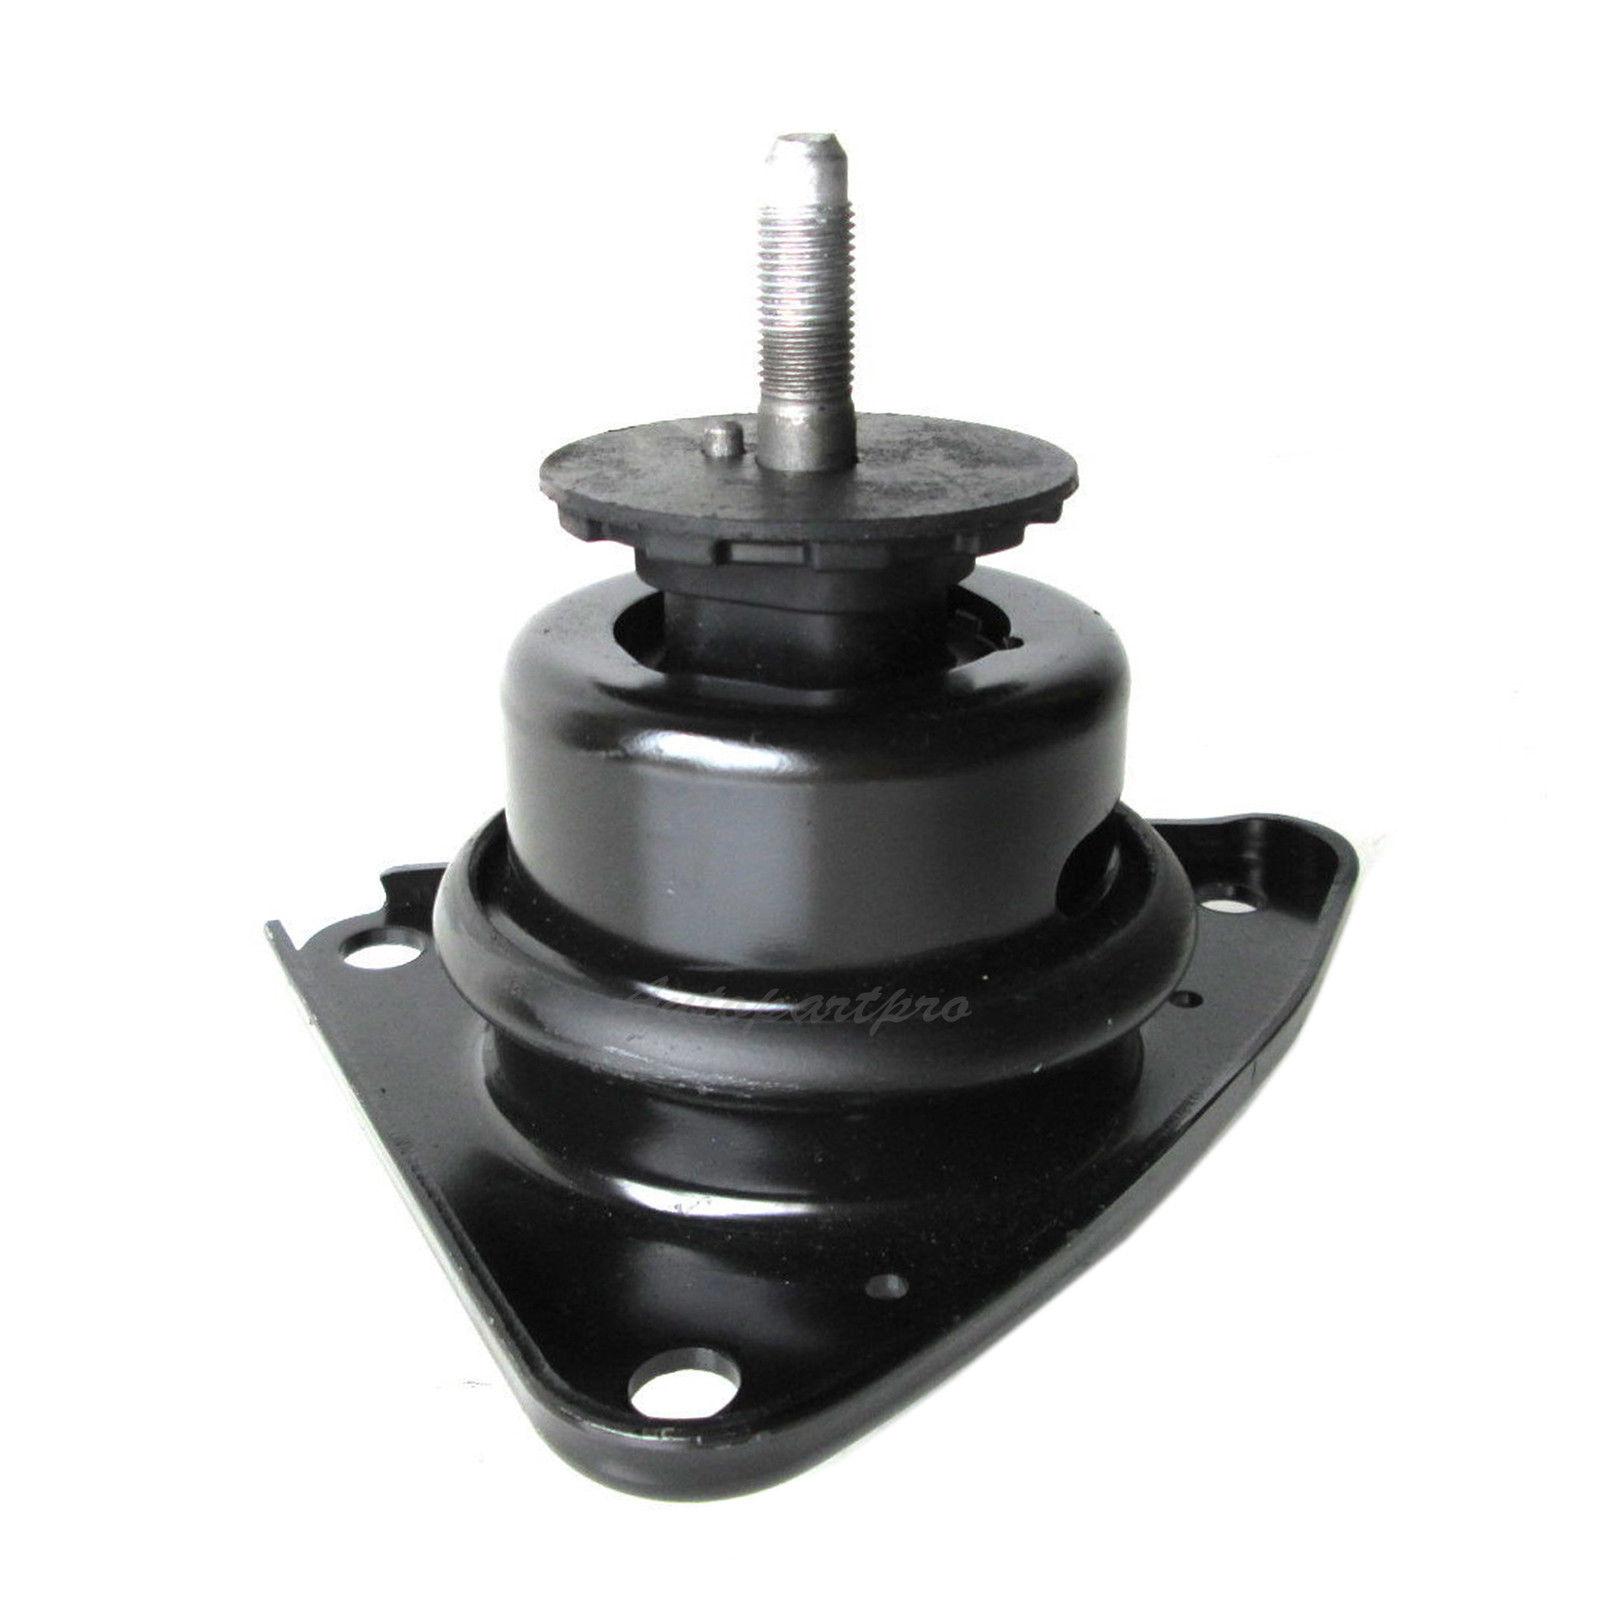 7148 For Hyundai Elantra Kia Forte Forte Koup 2.0 Front Right Engine Motor Mount